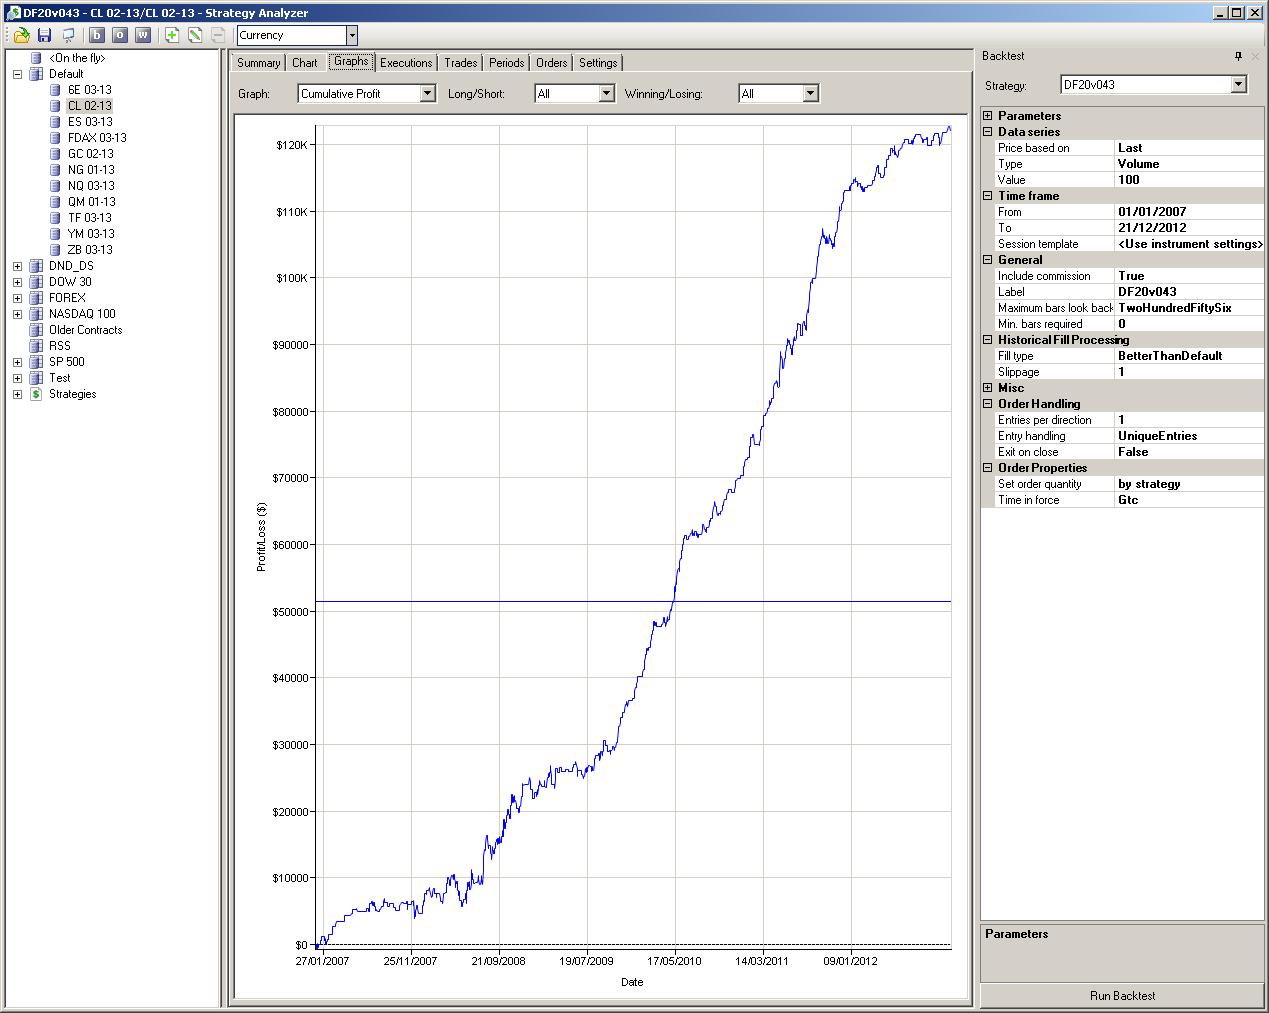 df20v043 config2 112007 12212012 graph